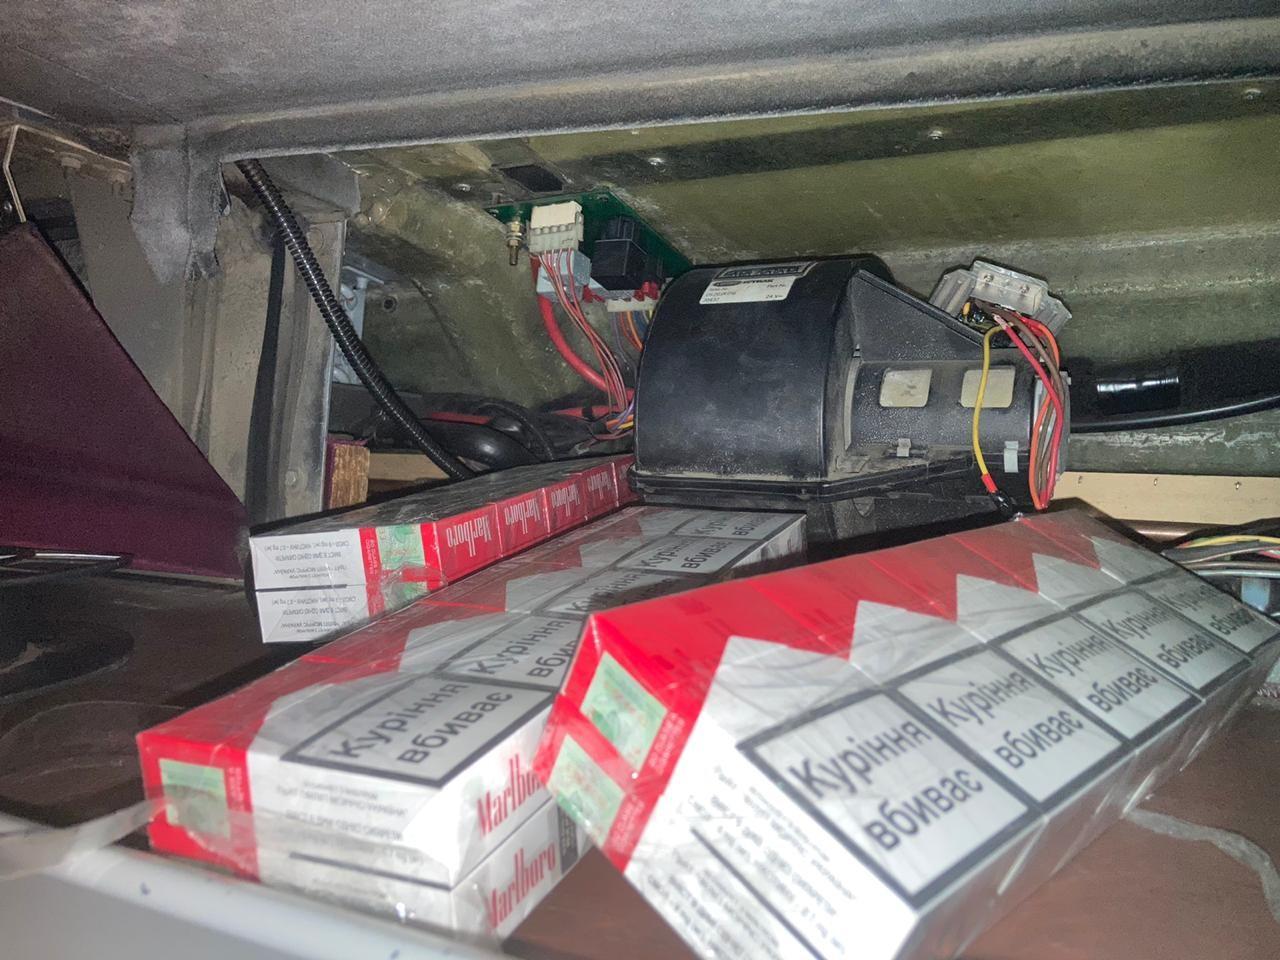 Закарпатські прикордонники знайшли приховані сигарети у порожнинах рейсового автобуса